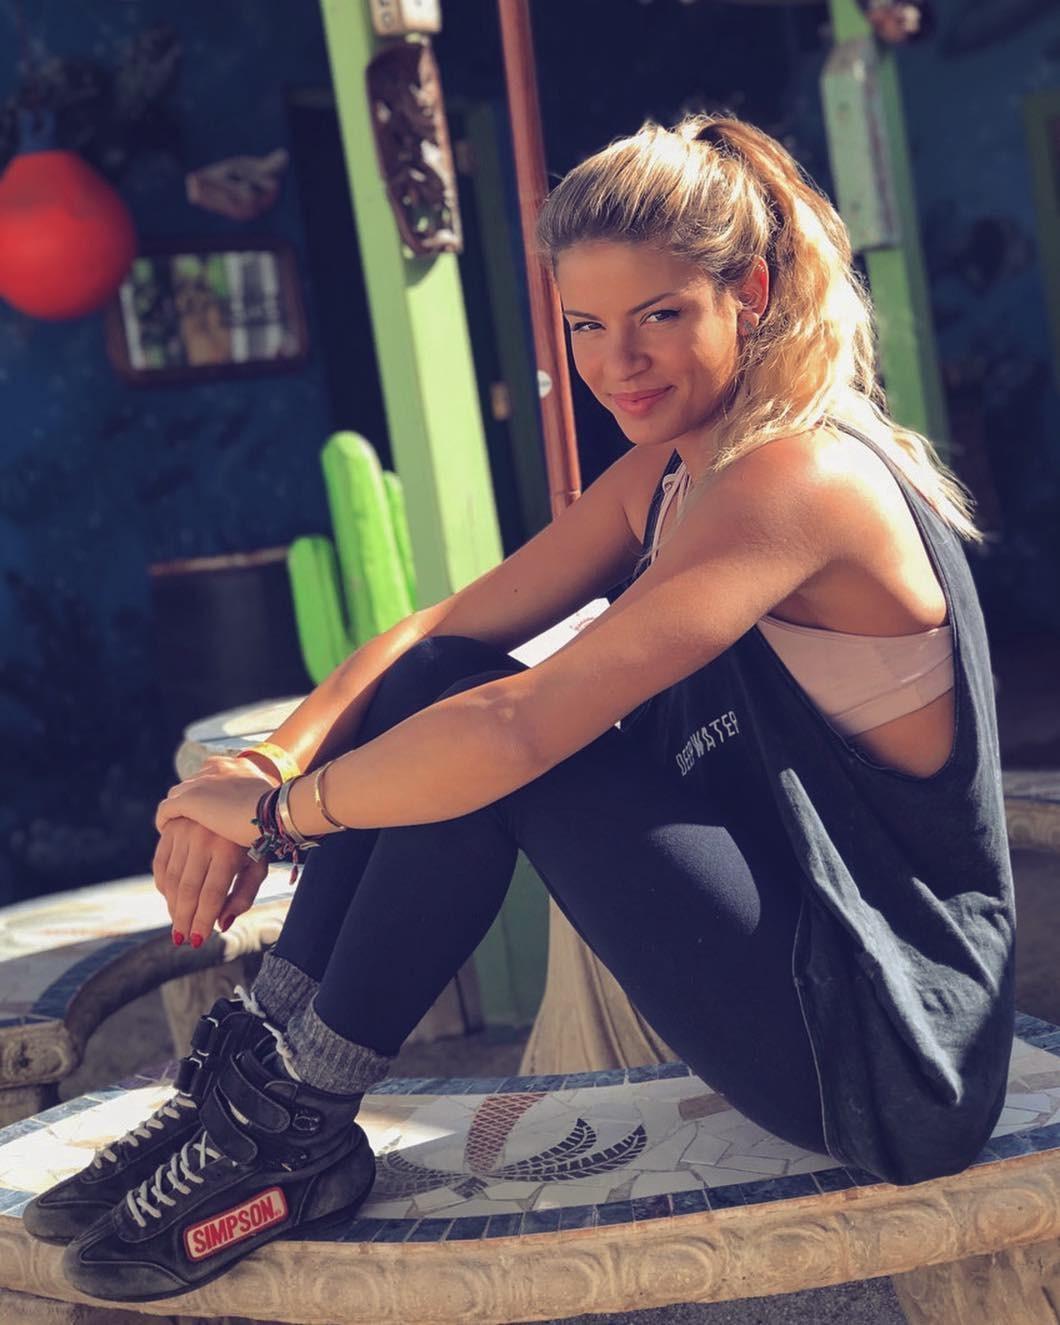 Ngắm nhìn vẻ đẹp thể thao khỏe khoắn của nữ tay đua Christine Giampaoli Zonca - 11